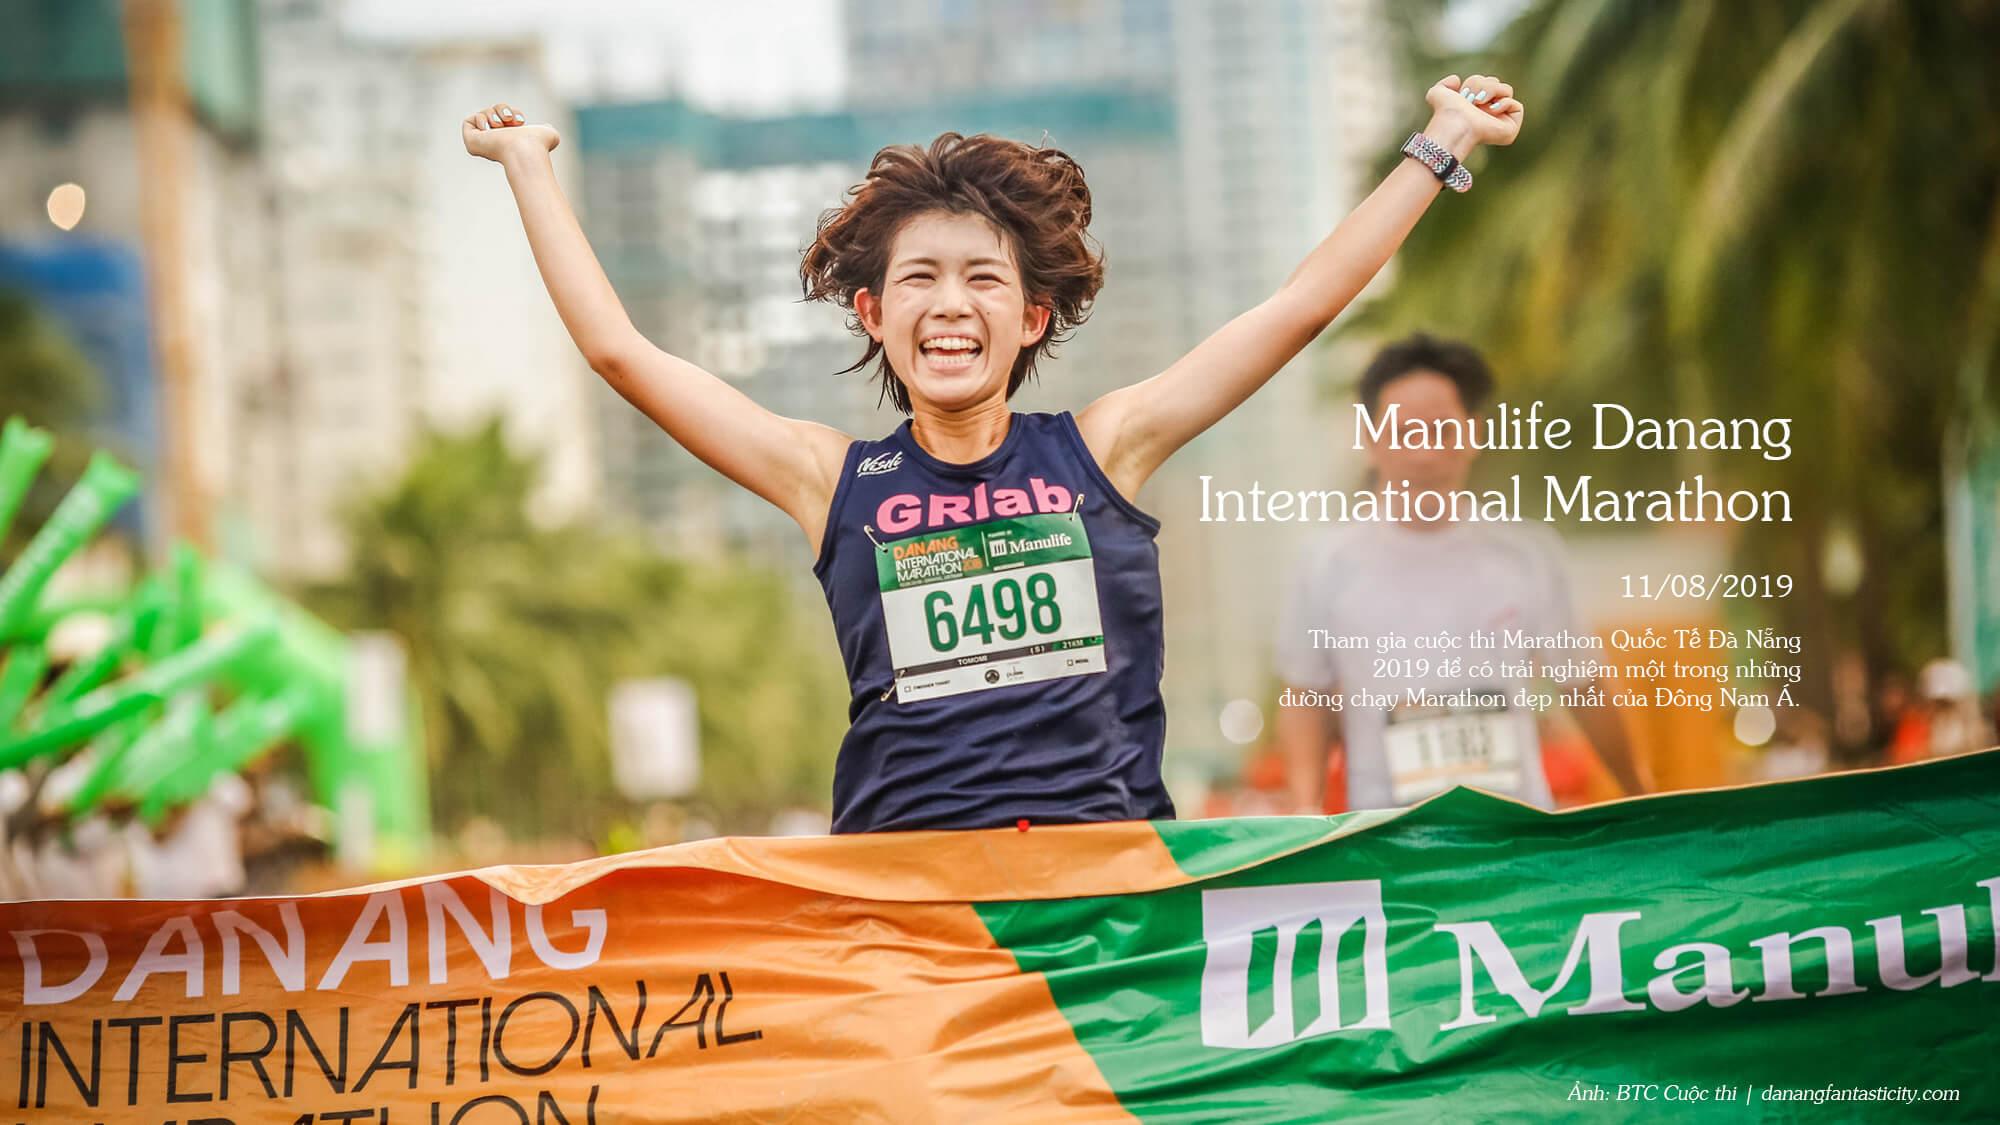 Top sự kiện nổi bật Đà Nẵng 2019 - MANULIFE DANANG INTERNATIONAL MARATHON 2019